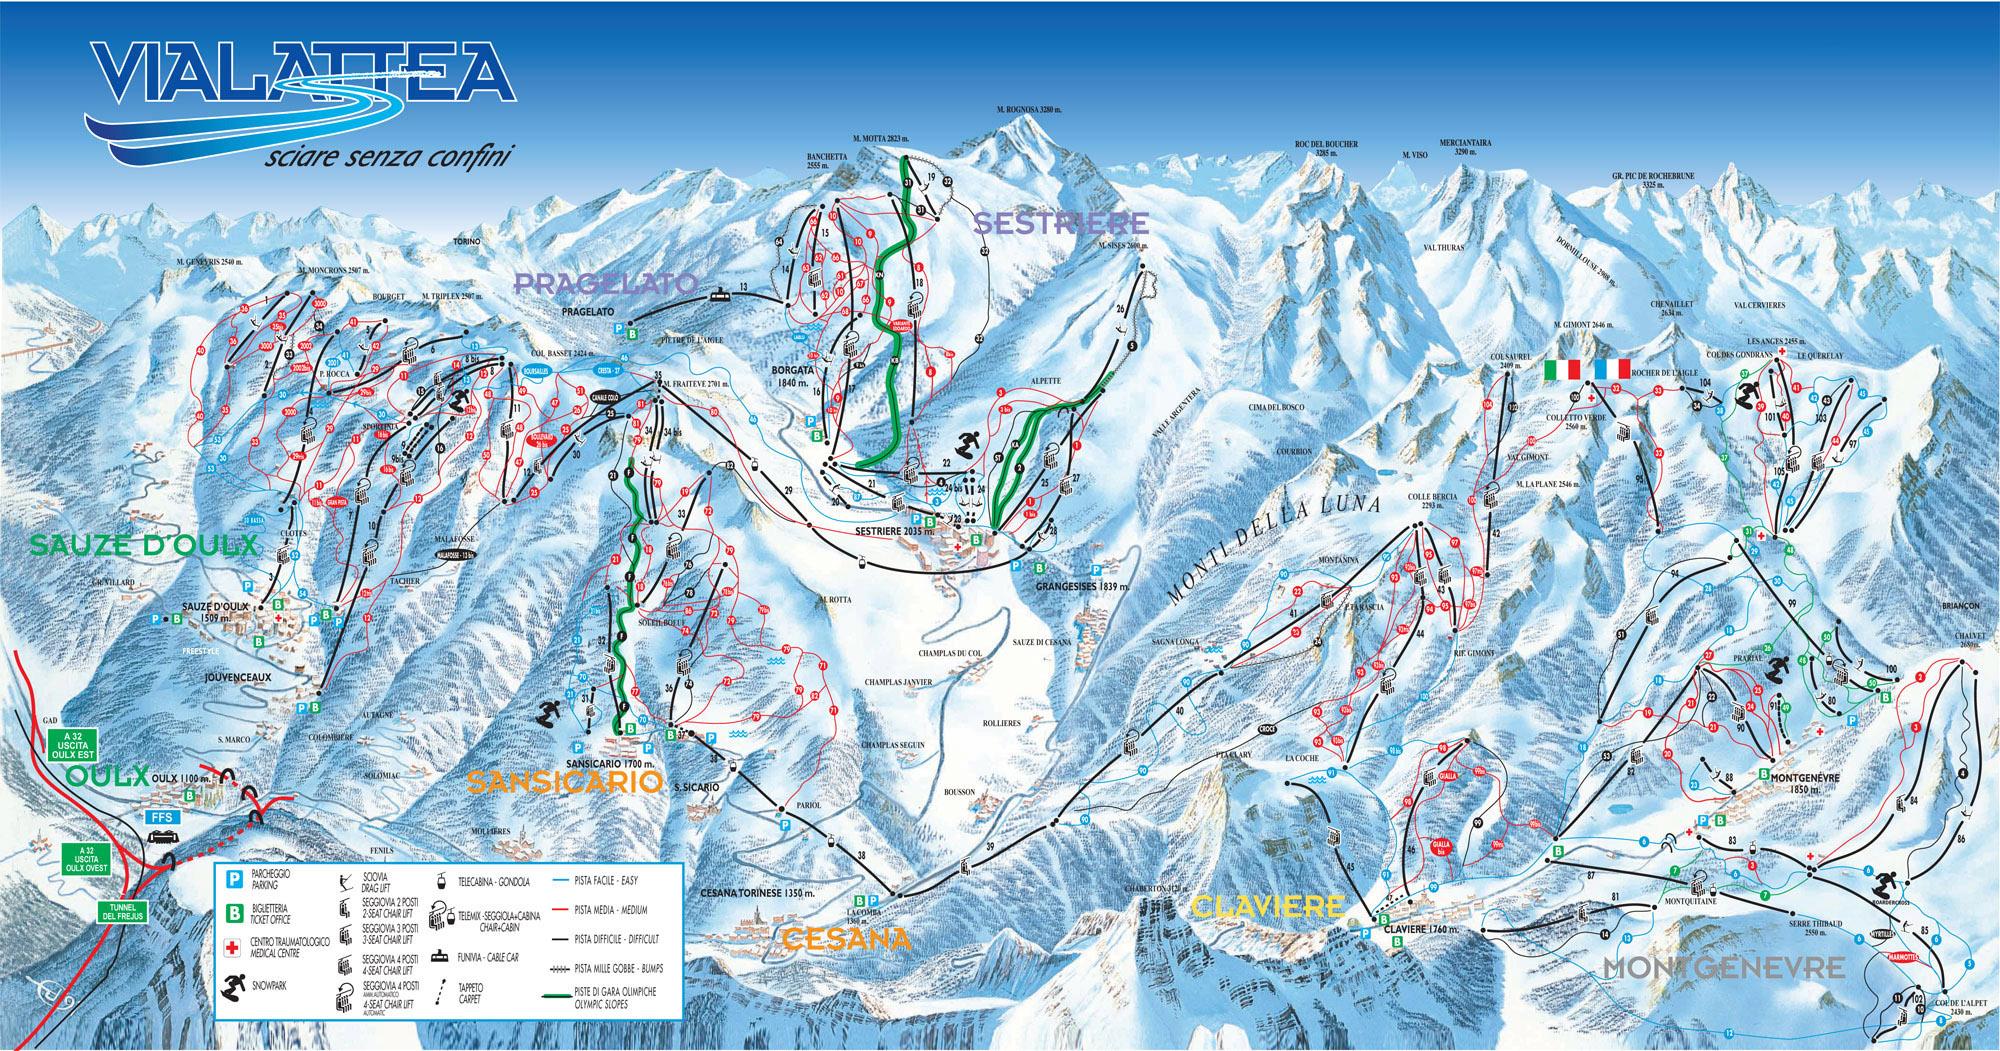 Pragelato Ski Resort Italy Ski Line